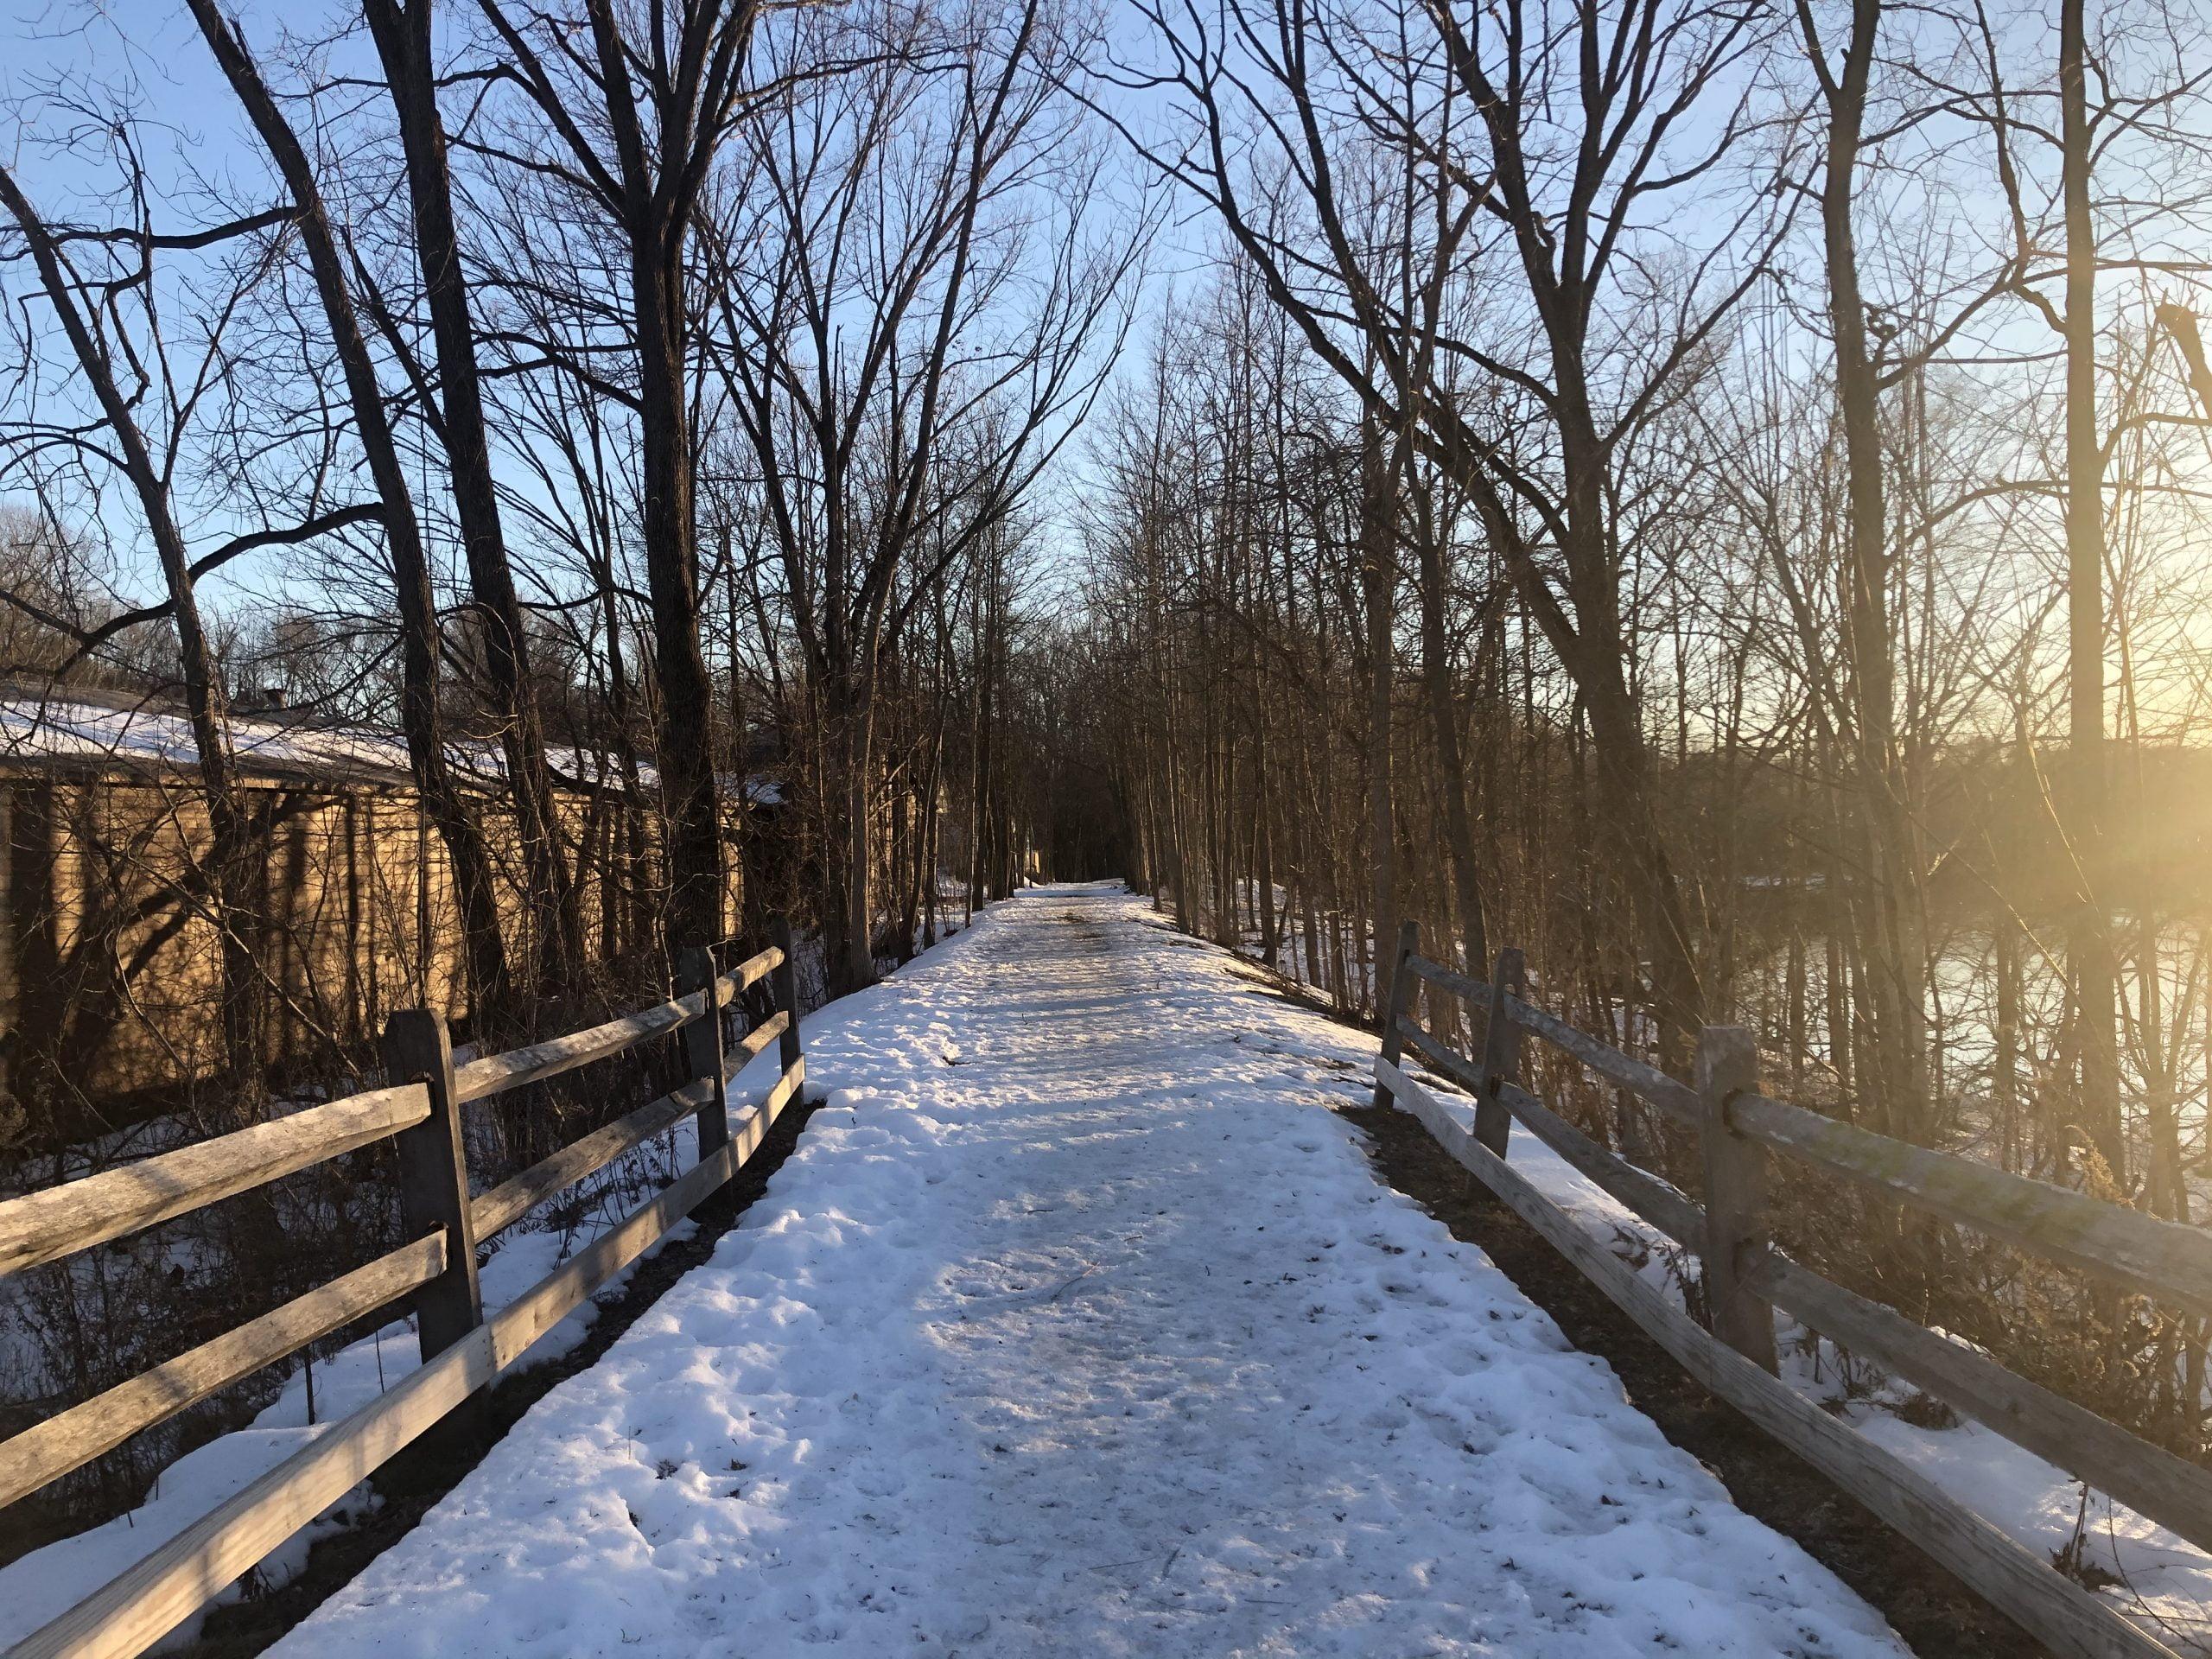 Wallkill Valley Rail Trail in New Paltz